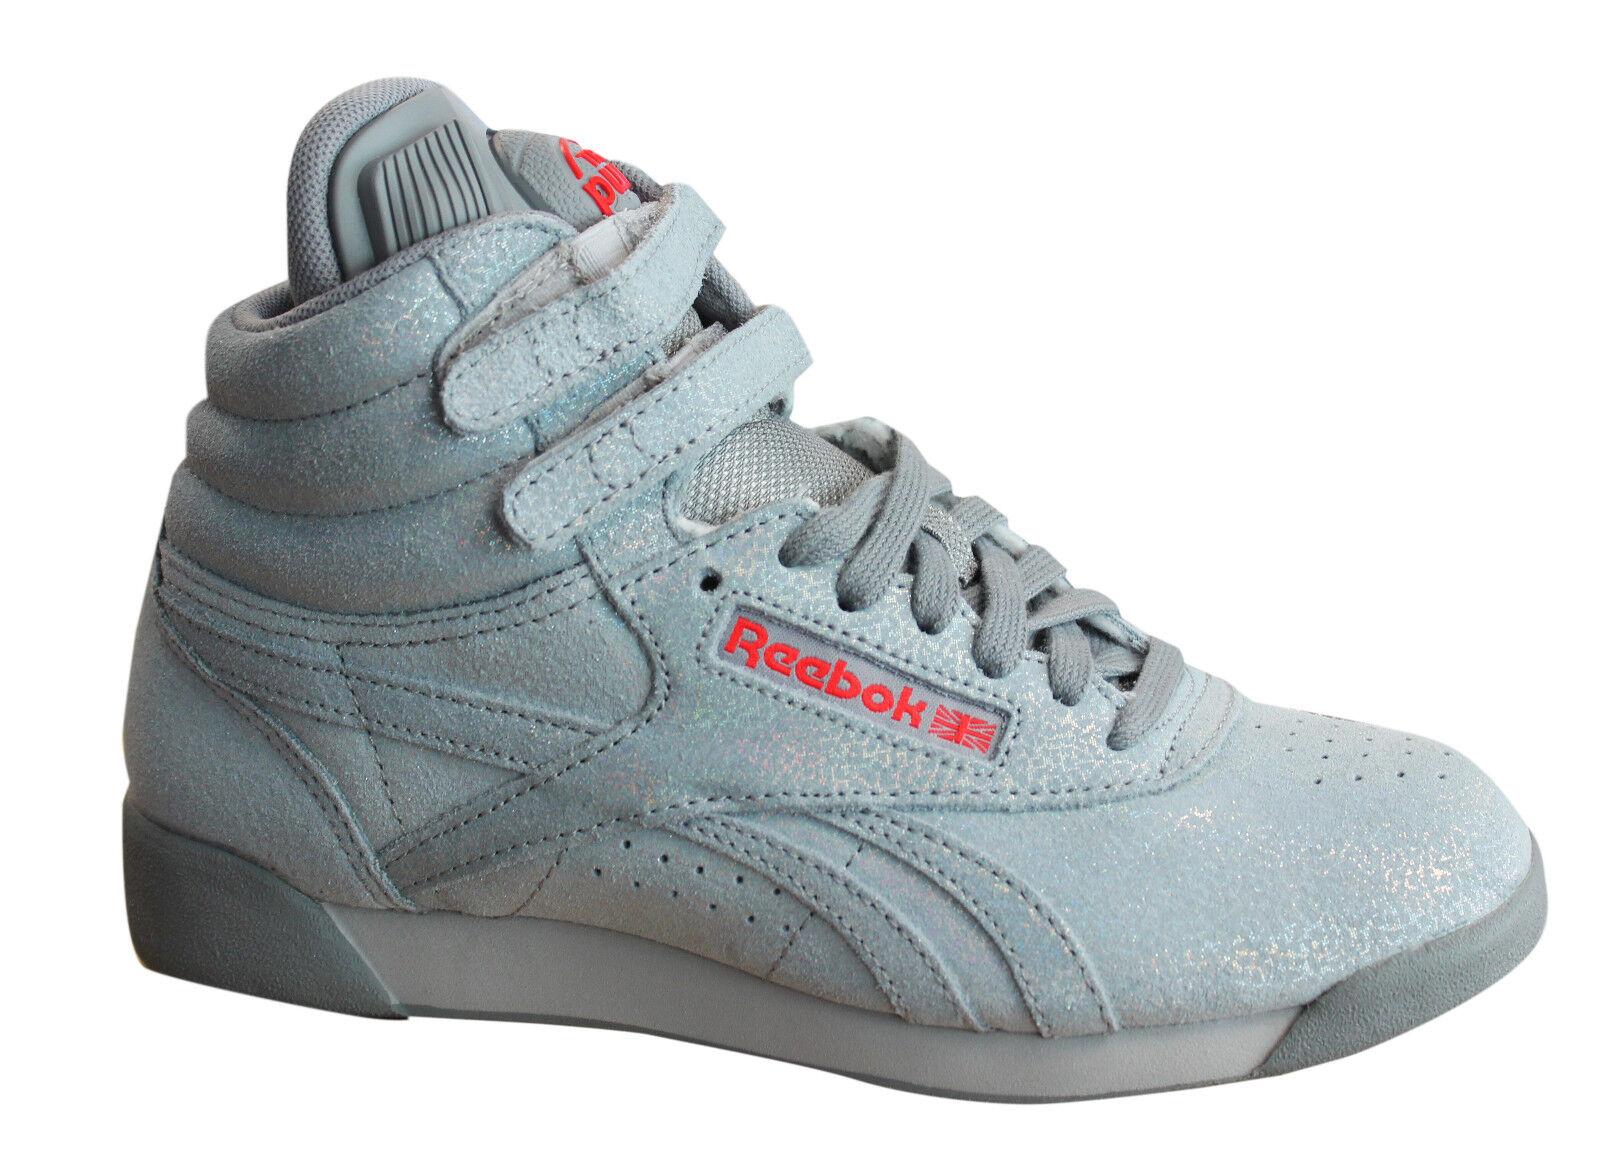 Descuento por tiempo limitado Reebok F/S Pump Co-Op Lace Up Sparkle Grey Womens Hi Tops Trainers V65766 U64